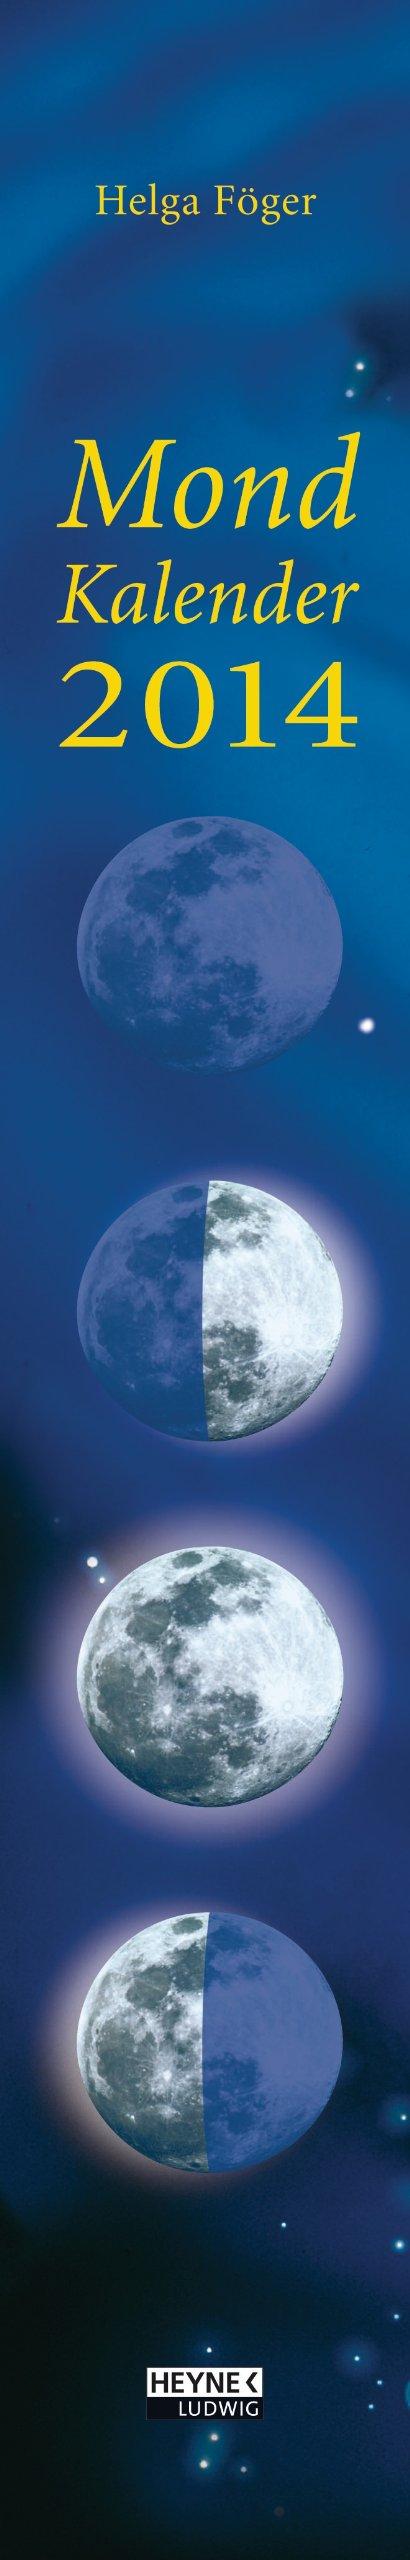 Mondkalender 2014 Wand-Streifenkalender: Mond-Streifenkalender (Wandkalender)